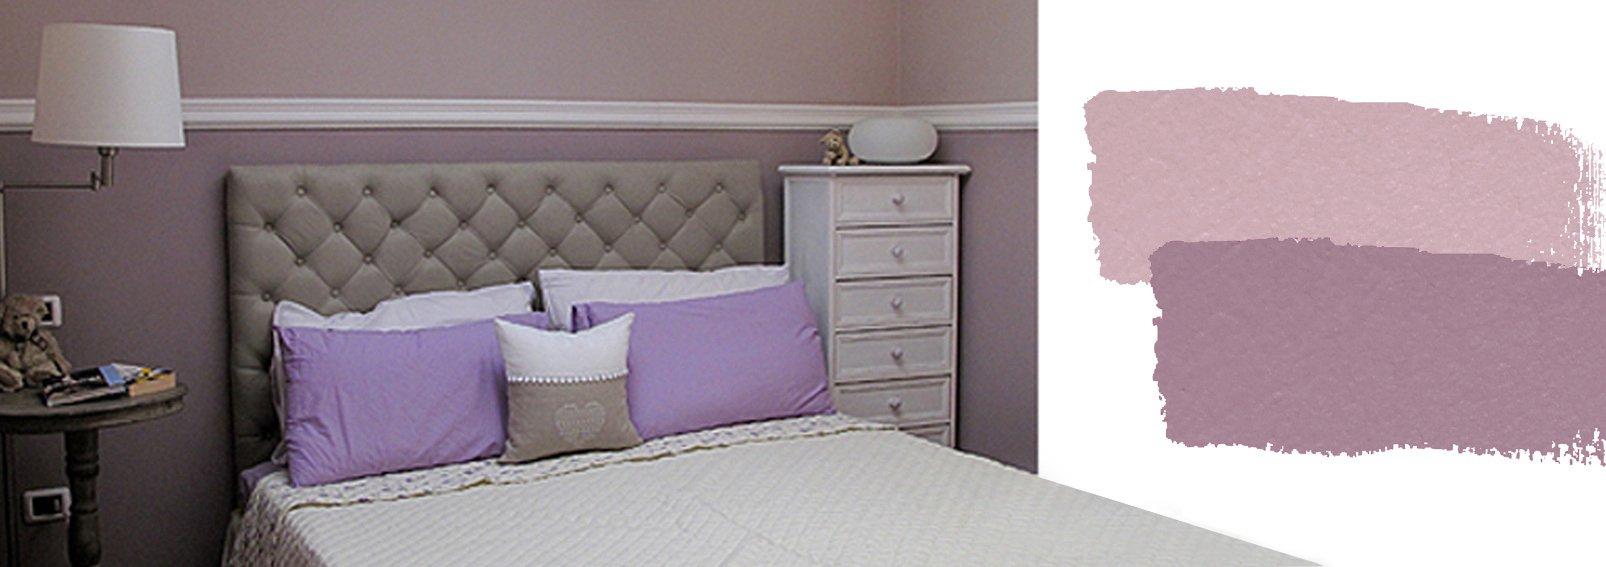 Camera da letto relooking con poca spesa cose di casa for Muri colorati camera da letto